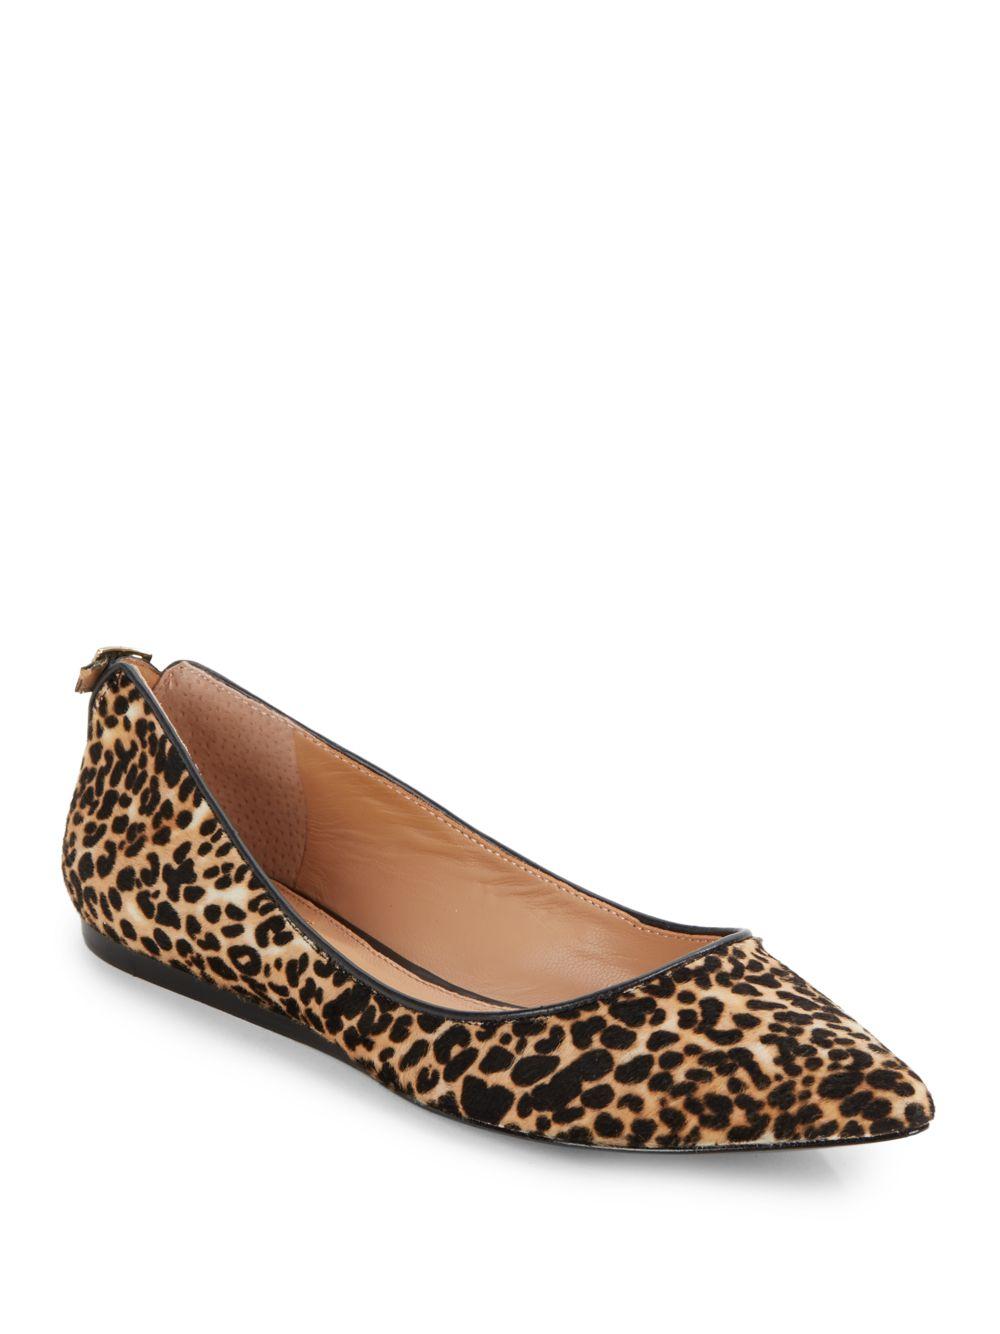 b73cf6dba922 Vince Camuto Signature Leopard-Print Calfhair Ballet Flats in Black ...